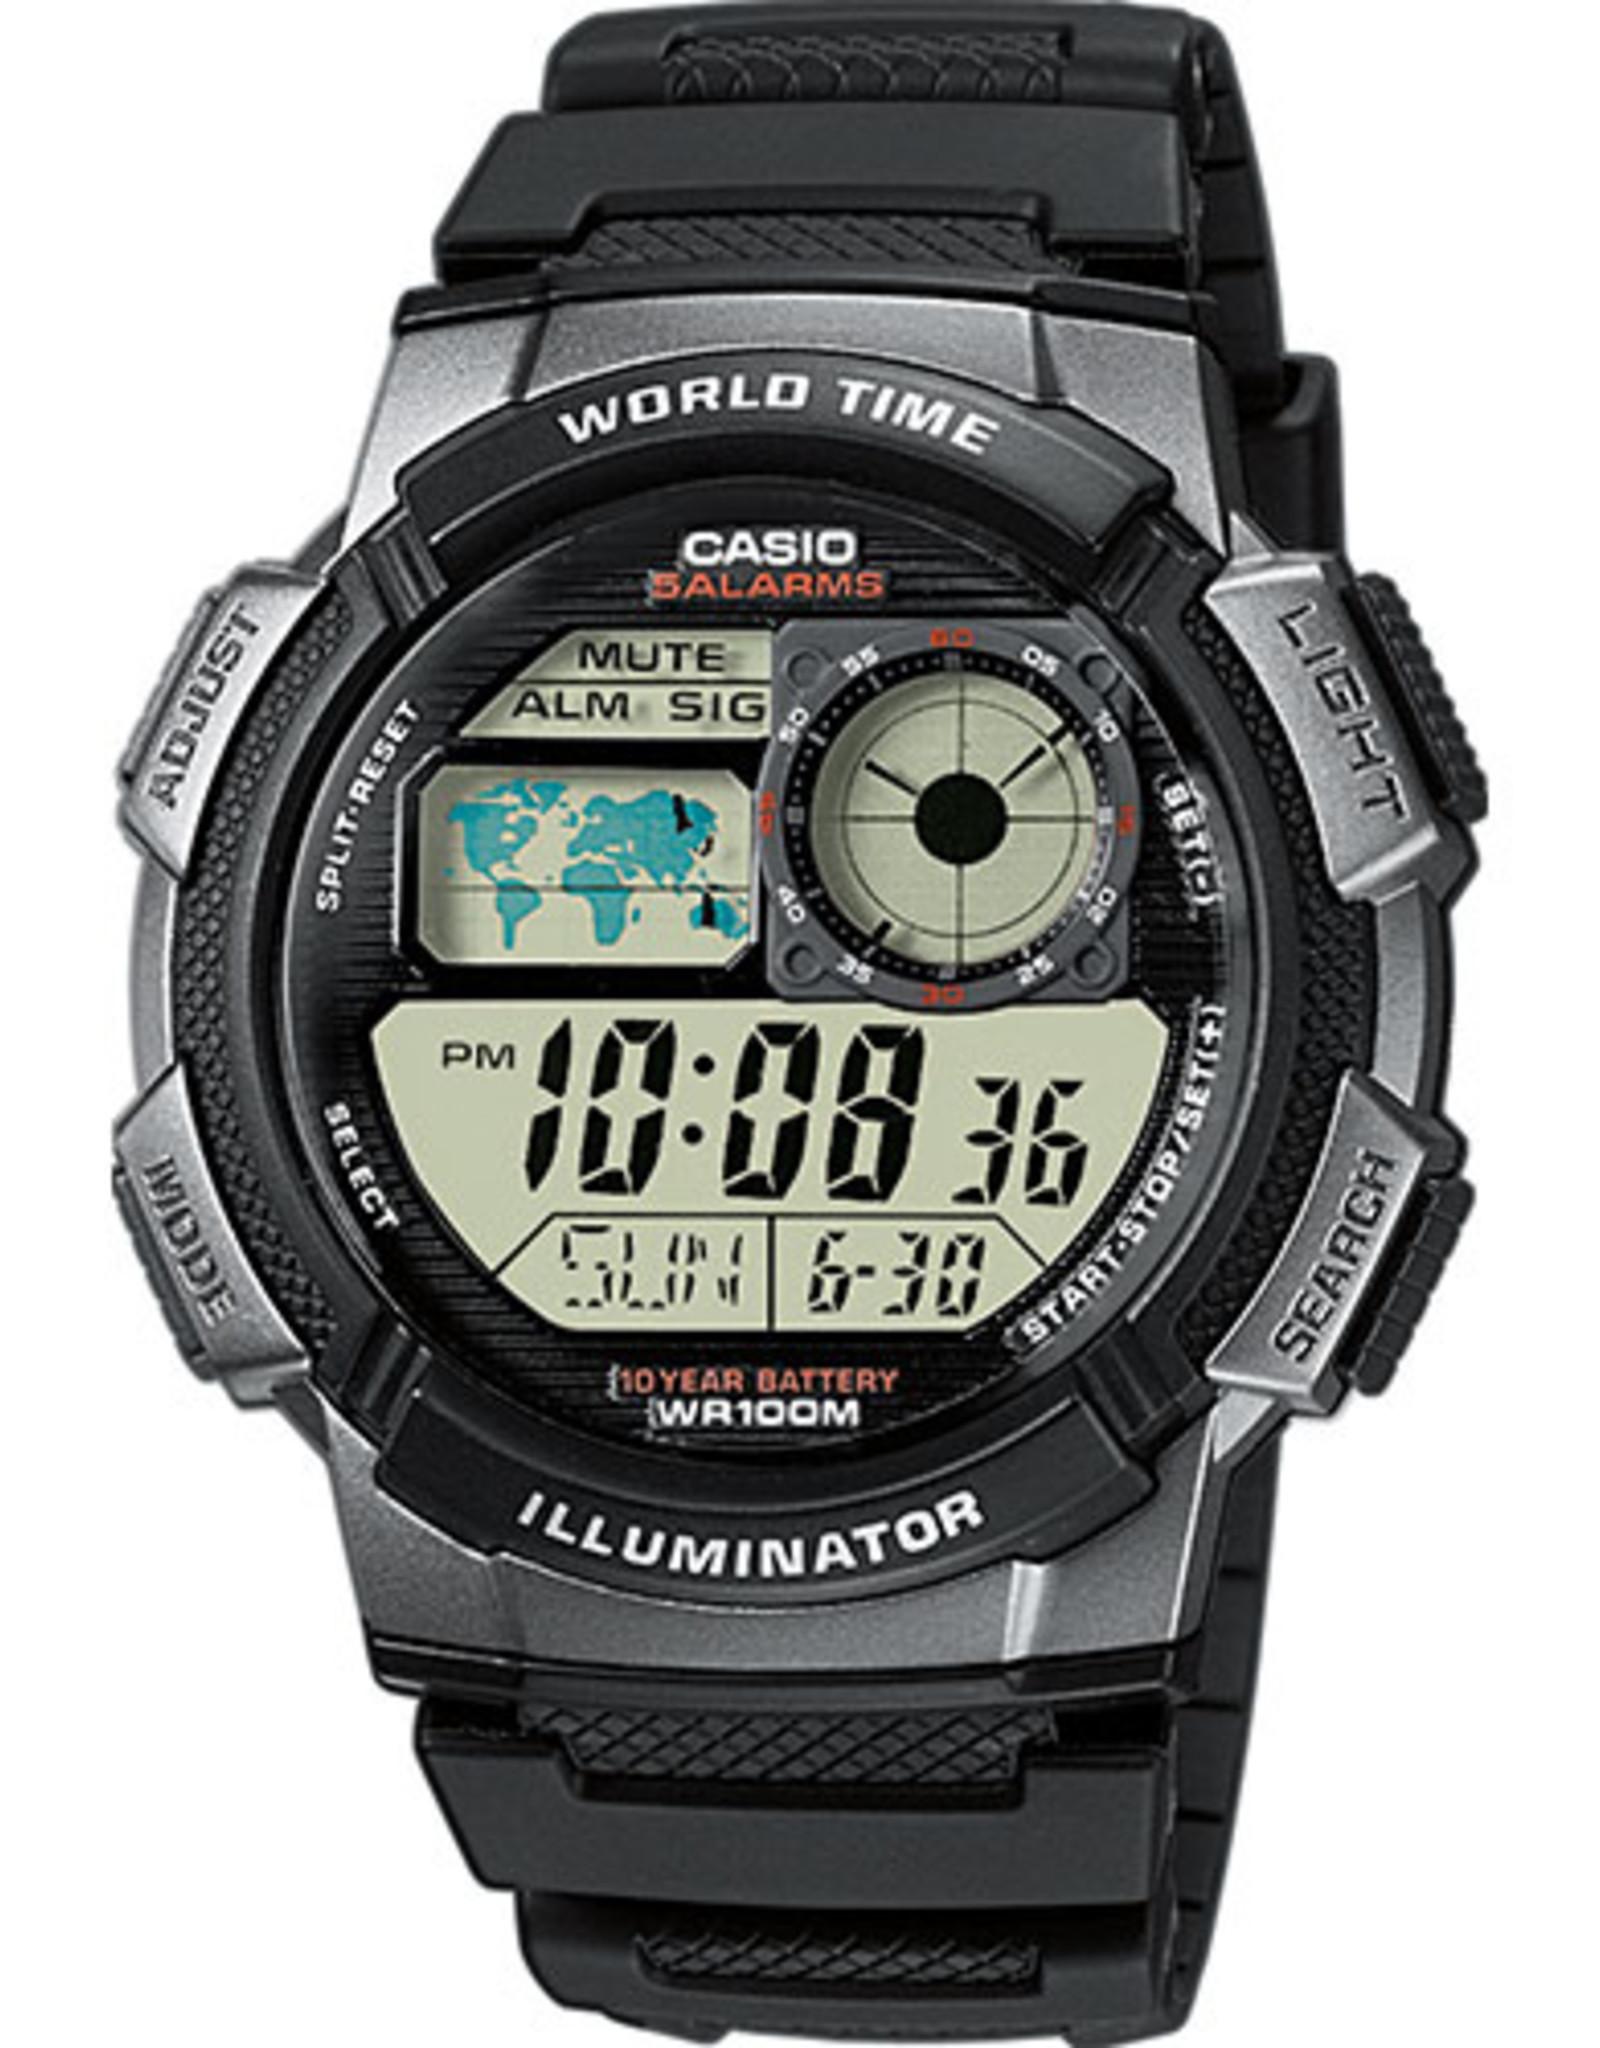 Casio ae-1000w-bvef